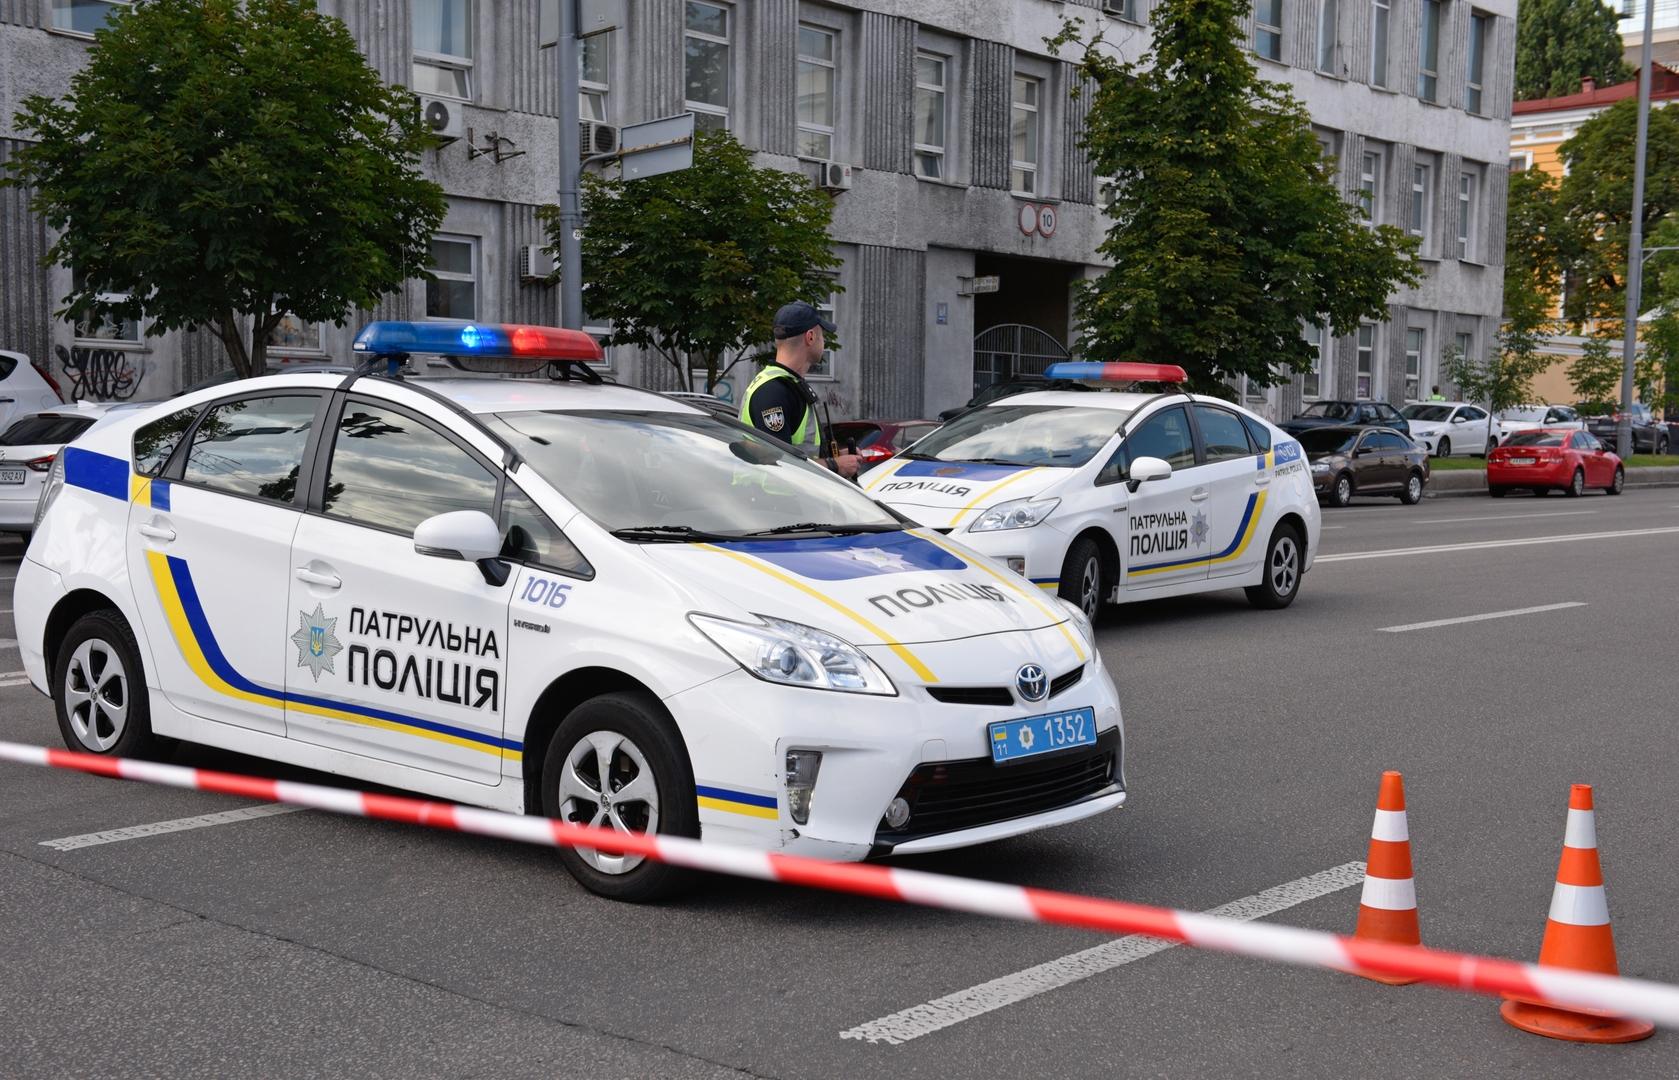 الشرطة الأوكرانية: قتيلان و8 جرحى جراء هجوم بسكين في مدينة كريفوي روغ